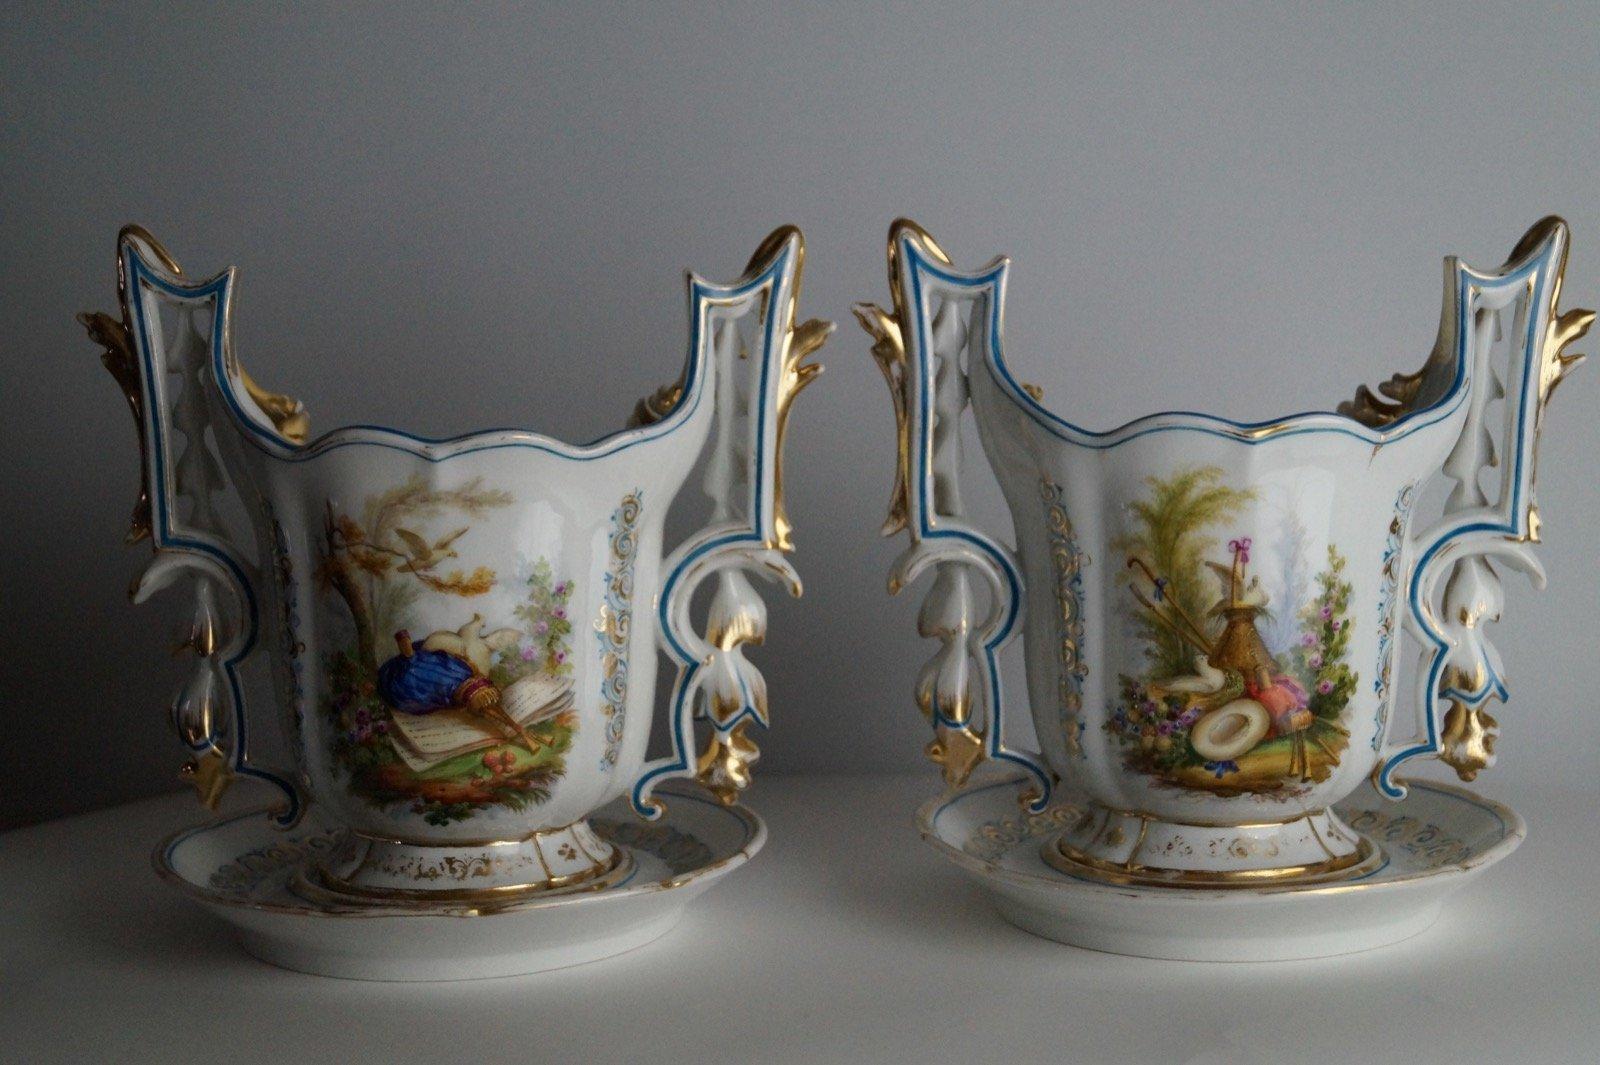 Vasi da fiori antichi vieux paris set di 2 in vendita su for Vasi antichi